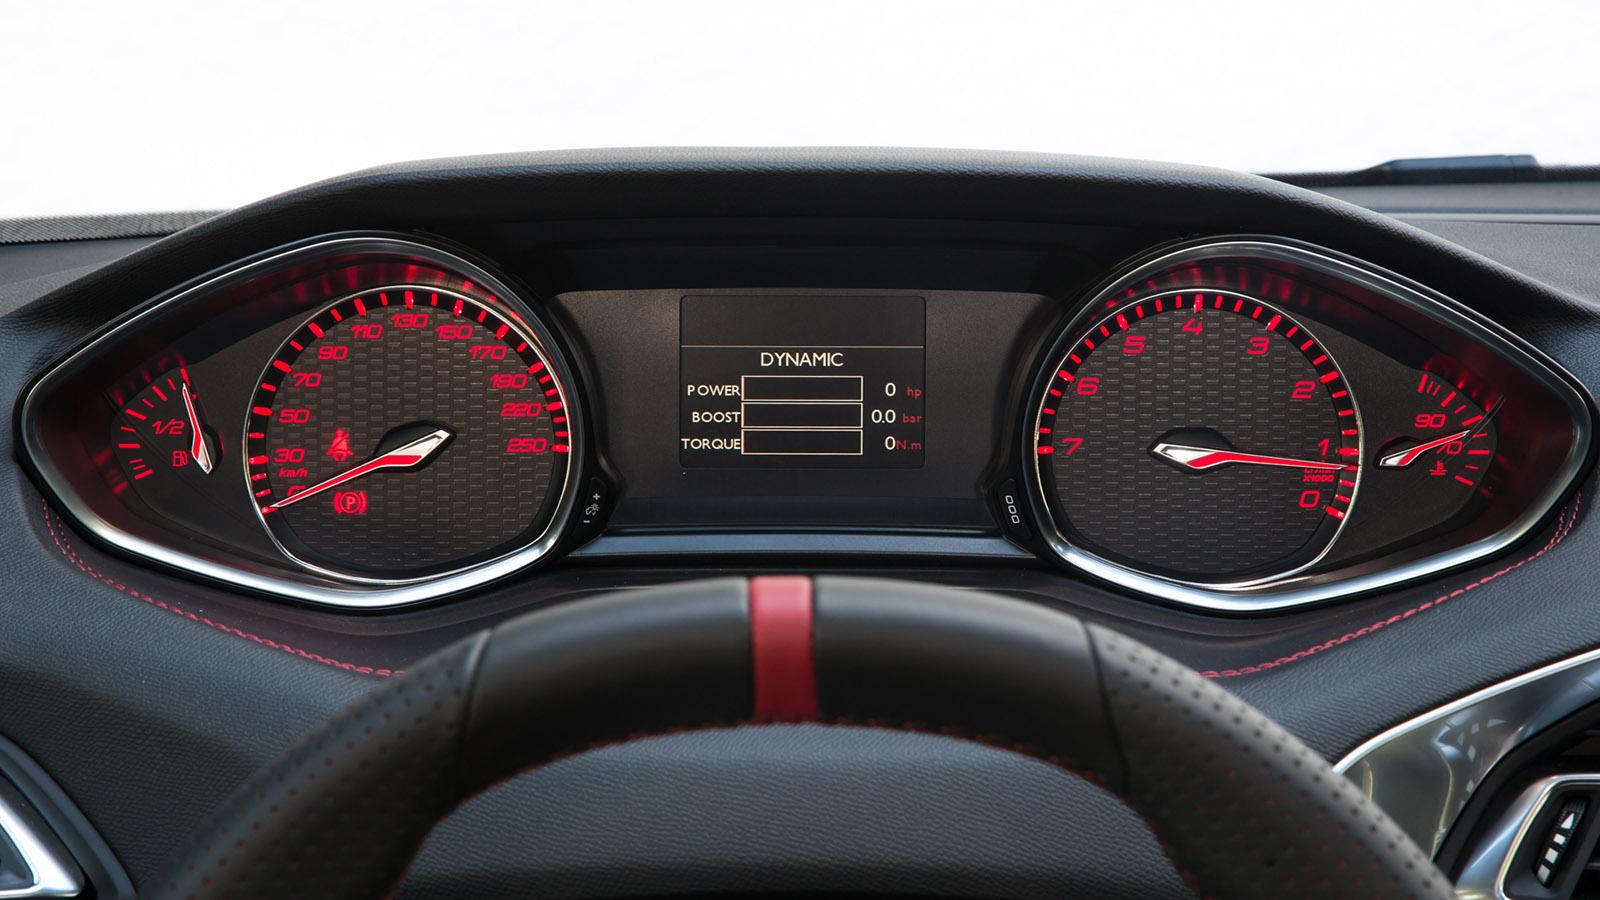 Al presionar el botón Sport la respuesta del acelerador es más inmediata y el color de la instrumentación pasa de blanco a rojo. Además la pantalla ofrece informaciones como, potencia, par o presión de sobrealimentación.